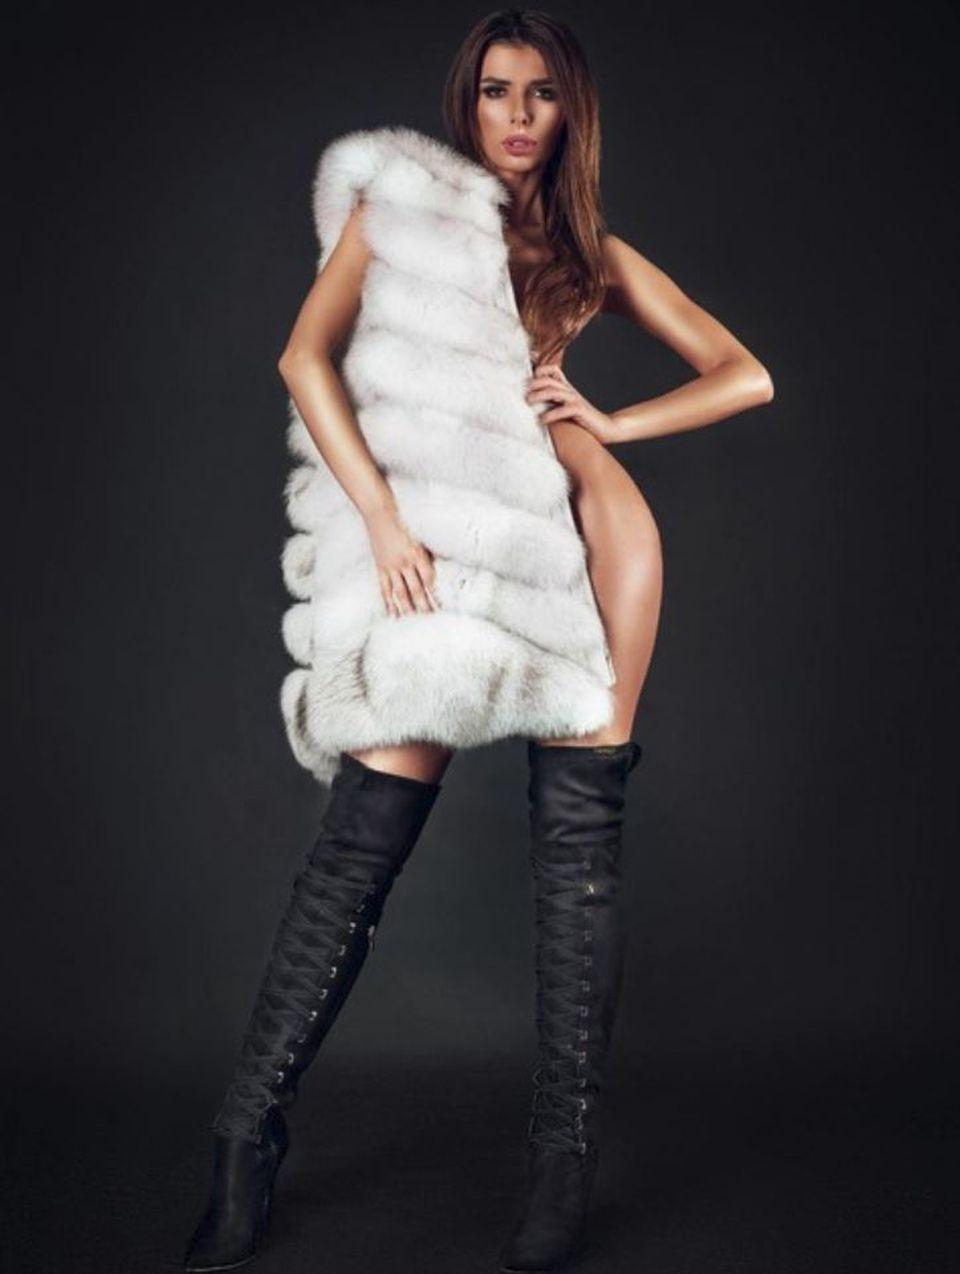 Fosta Miss Romaia a renuntat la inhibitii! A aratat tot! Imagini fierbinti cu Ioana Filimon